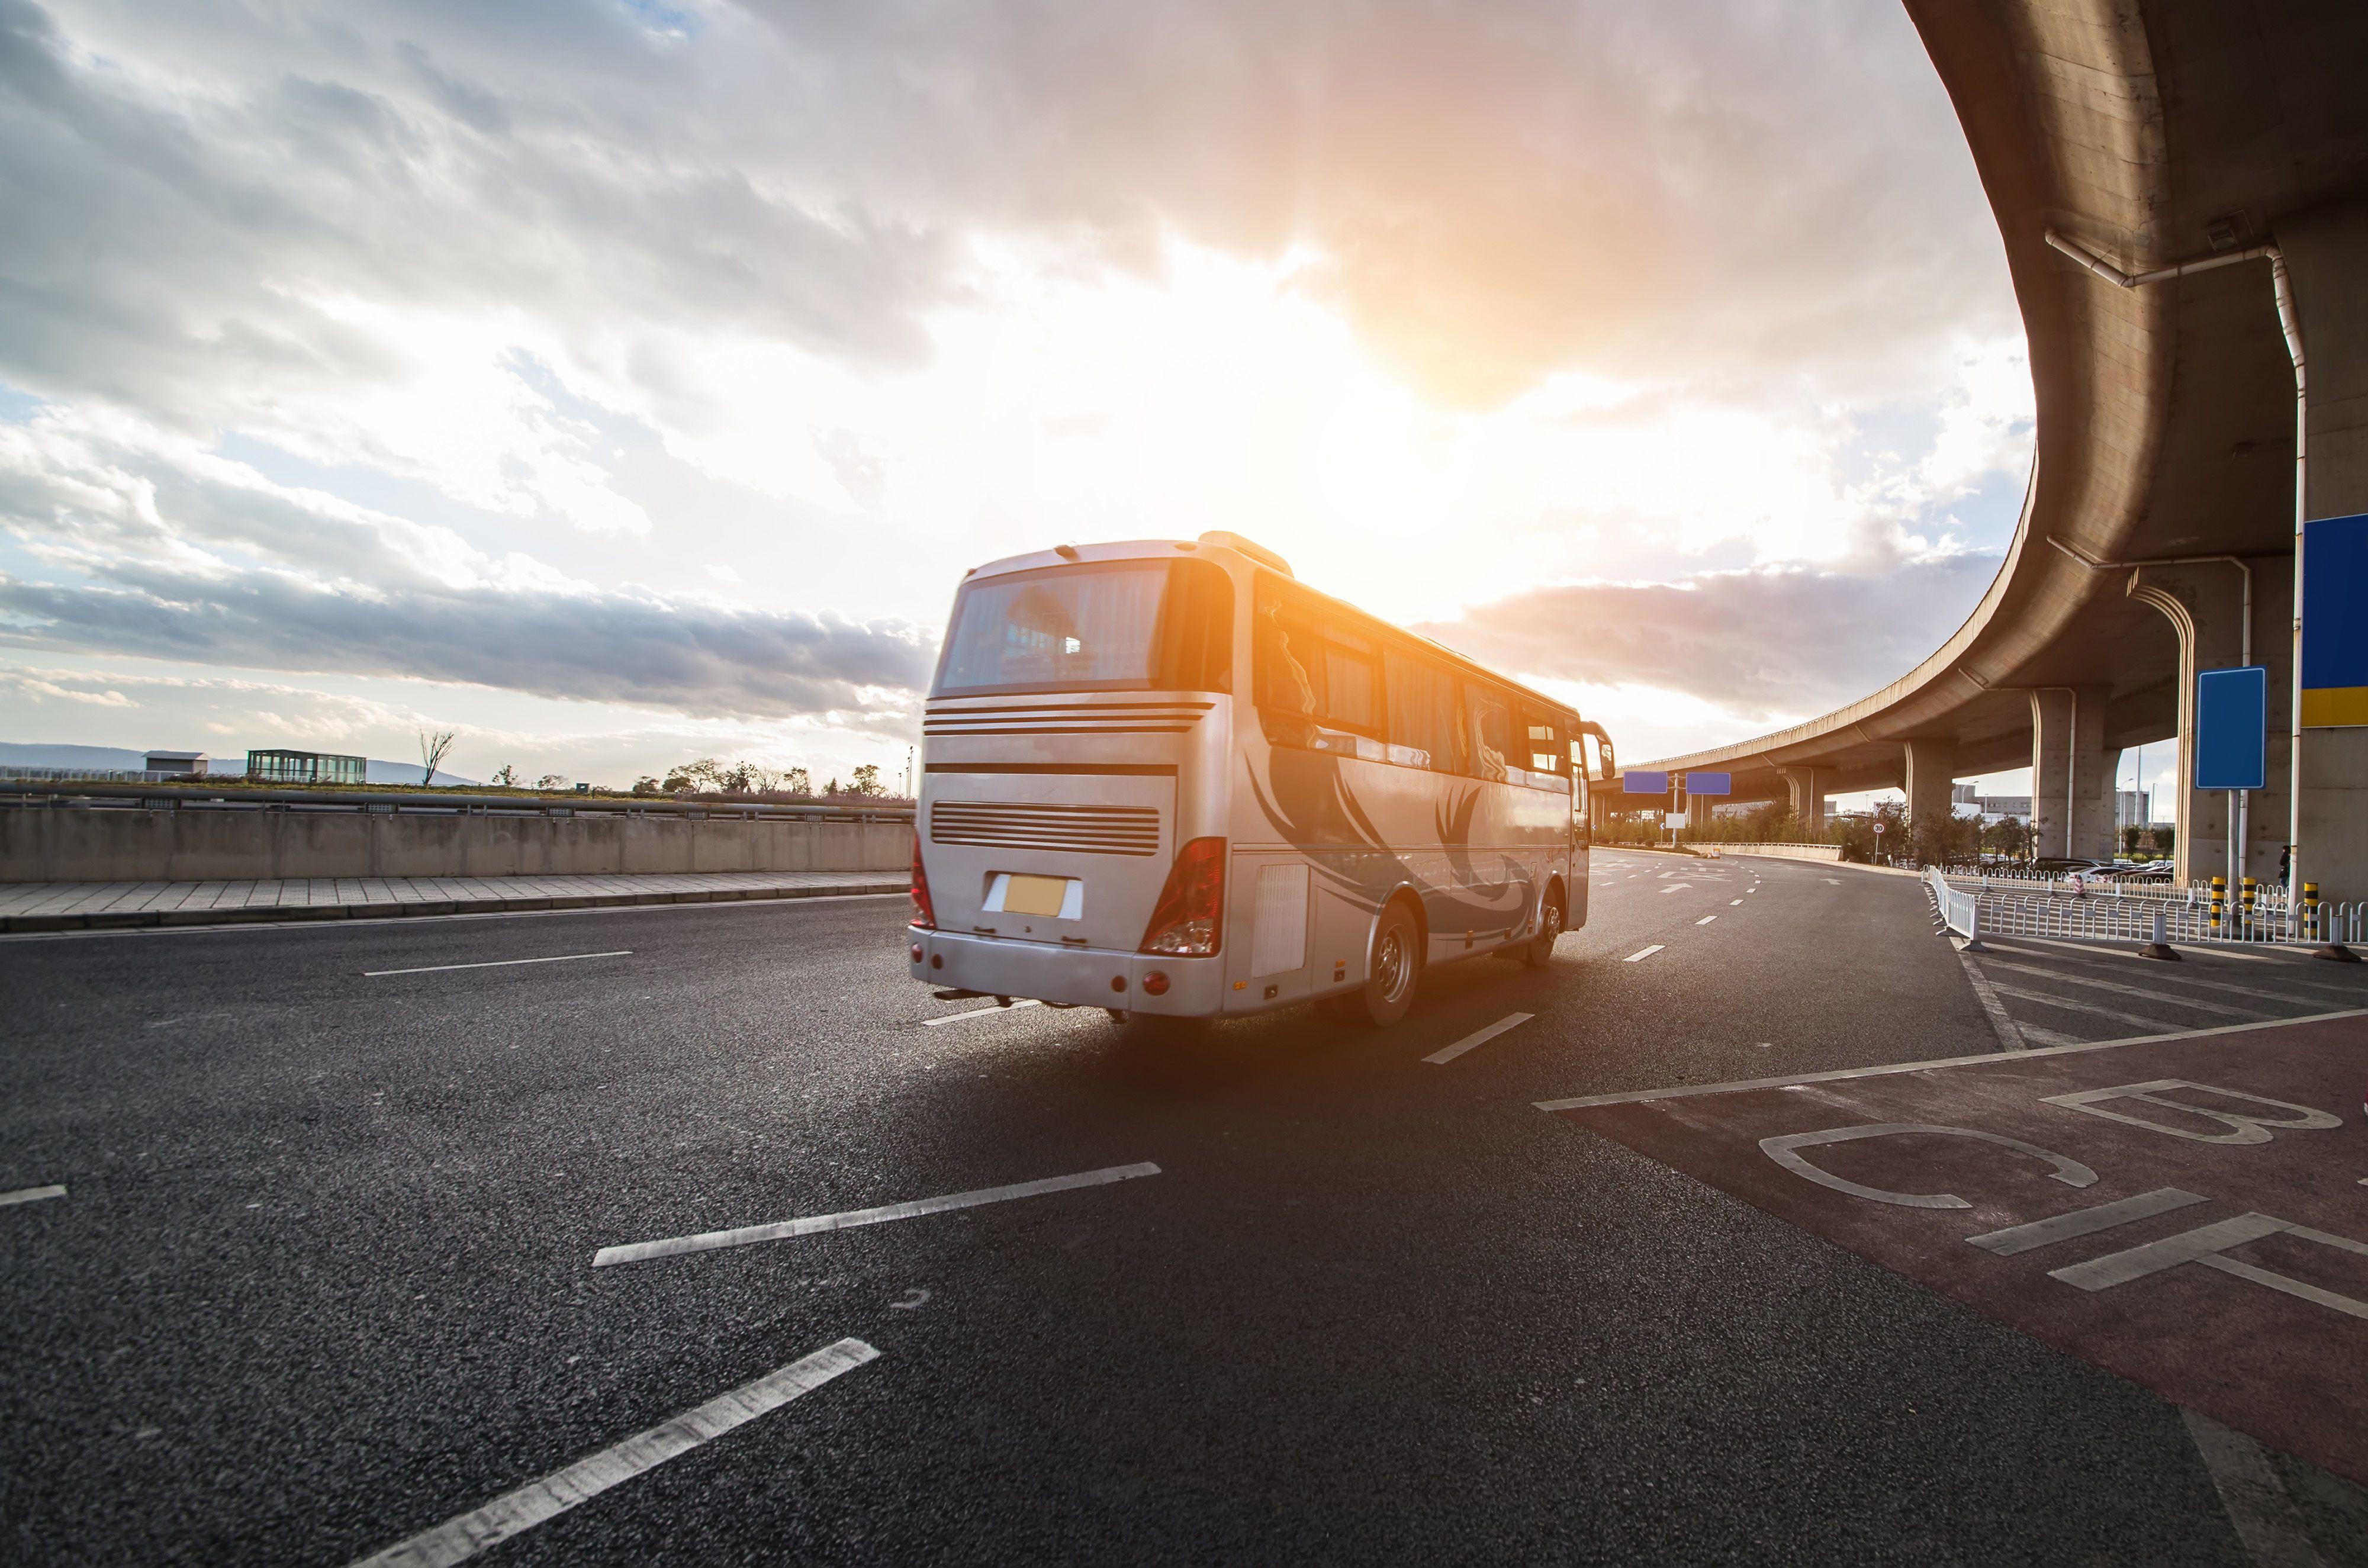 Транспорт, автобус